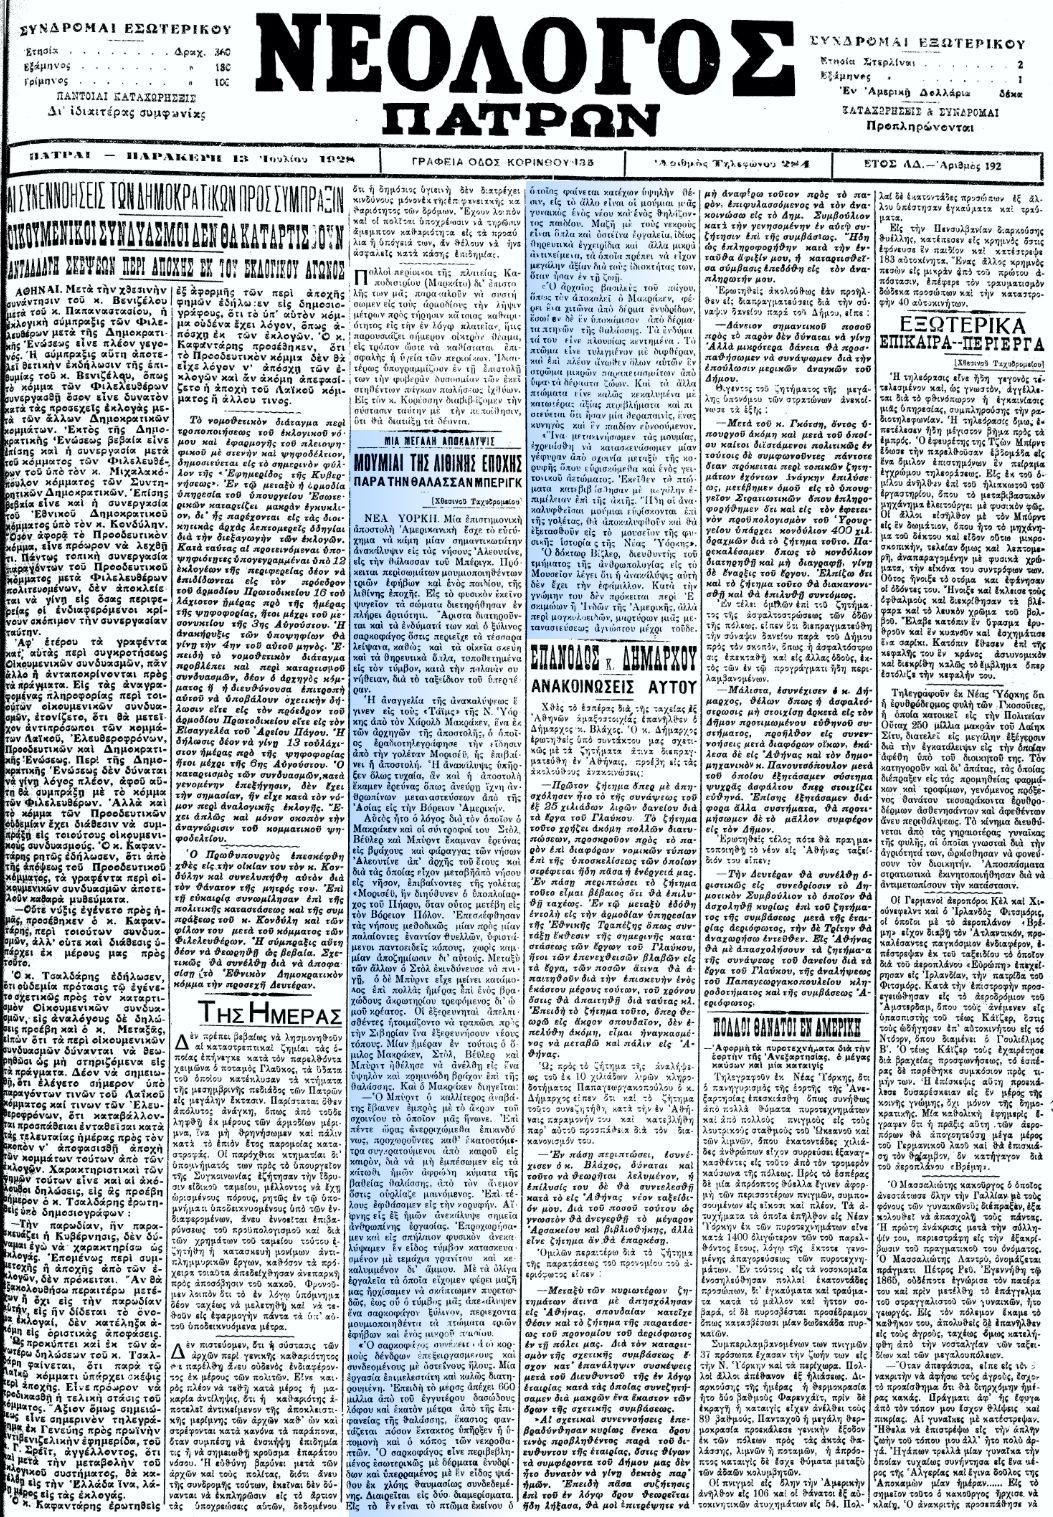 """Το άρθρο, όπως δημοσιεύθηκε στην εφημερίδα """"ΝΕΟΛΟΓΟΣ ΠΑΤΡΩΝ"""", στις 13/07/1928"""